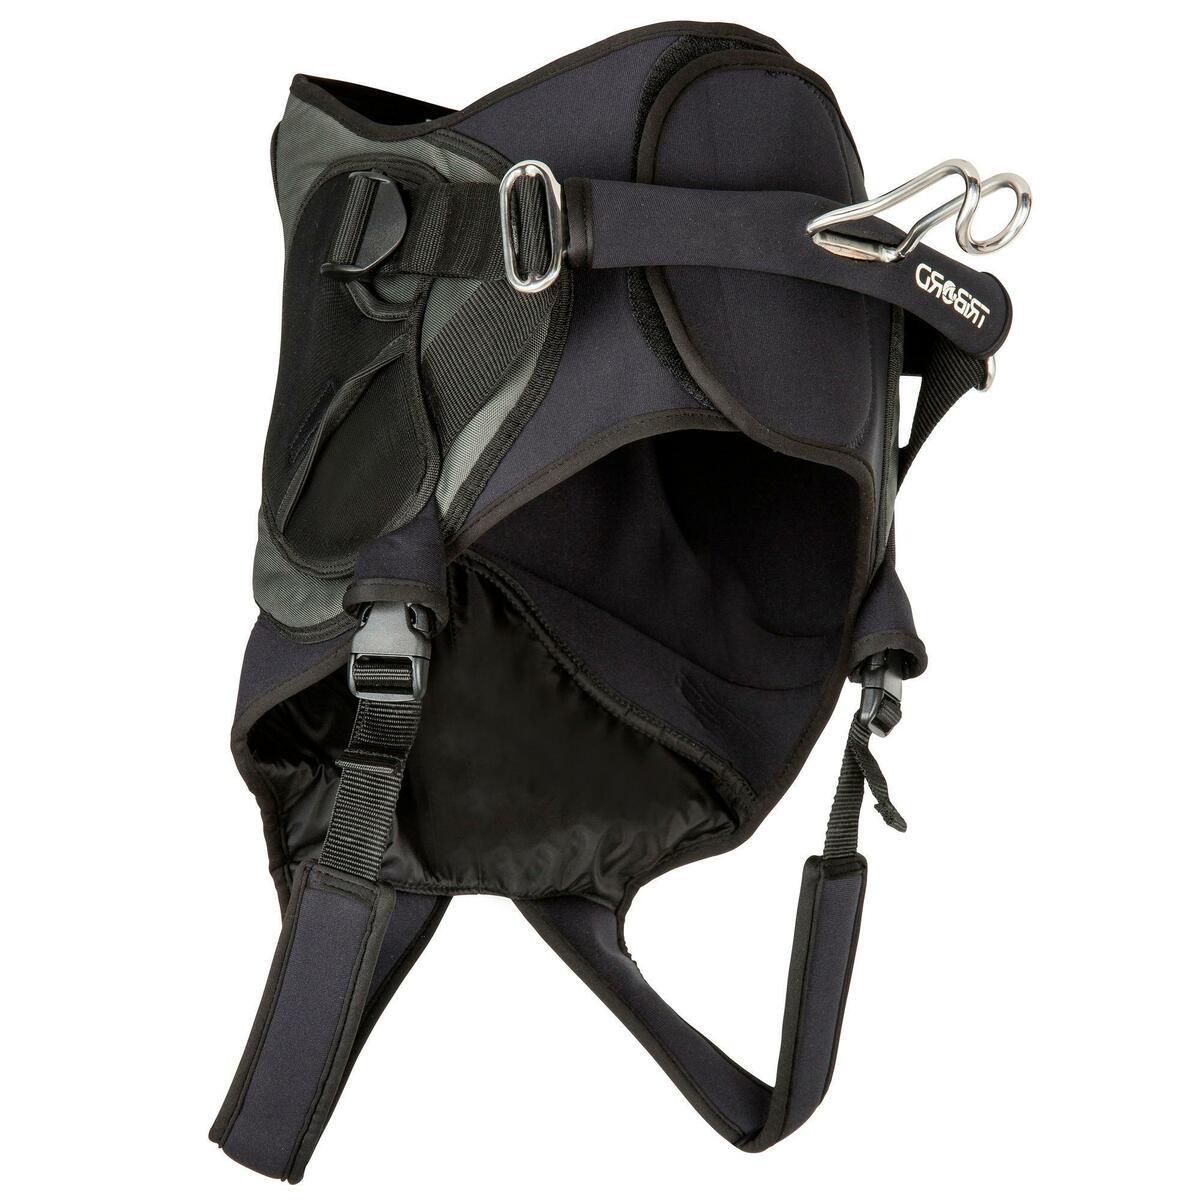 Bild 1 von Sitzgurt Windsurfen schwarz